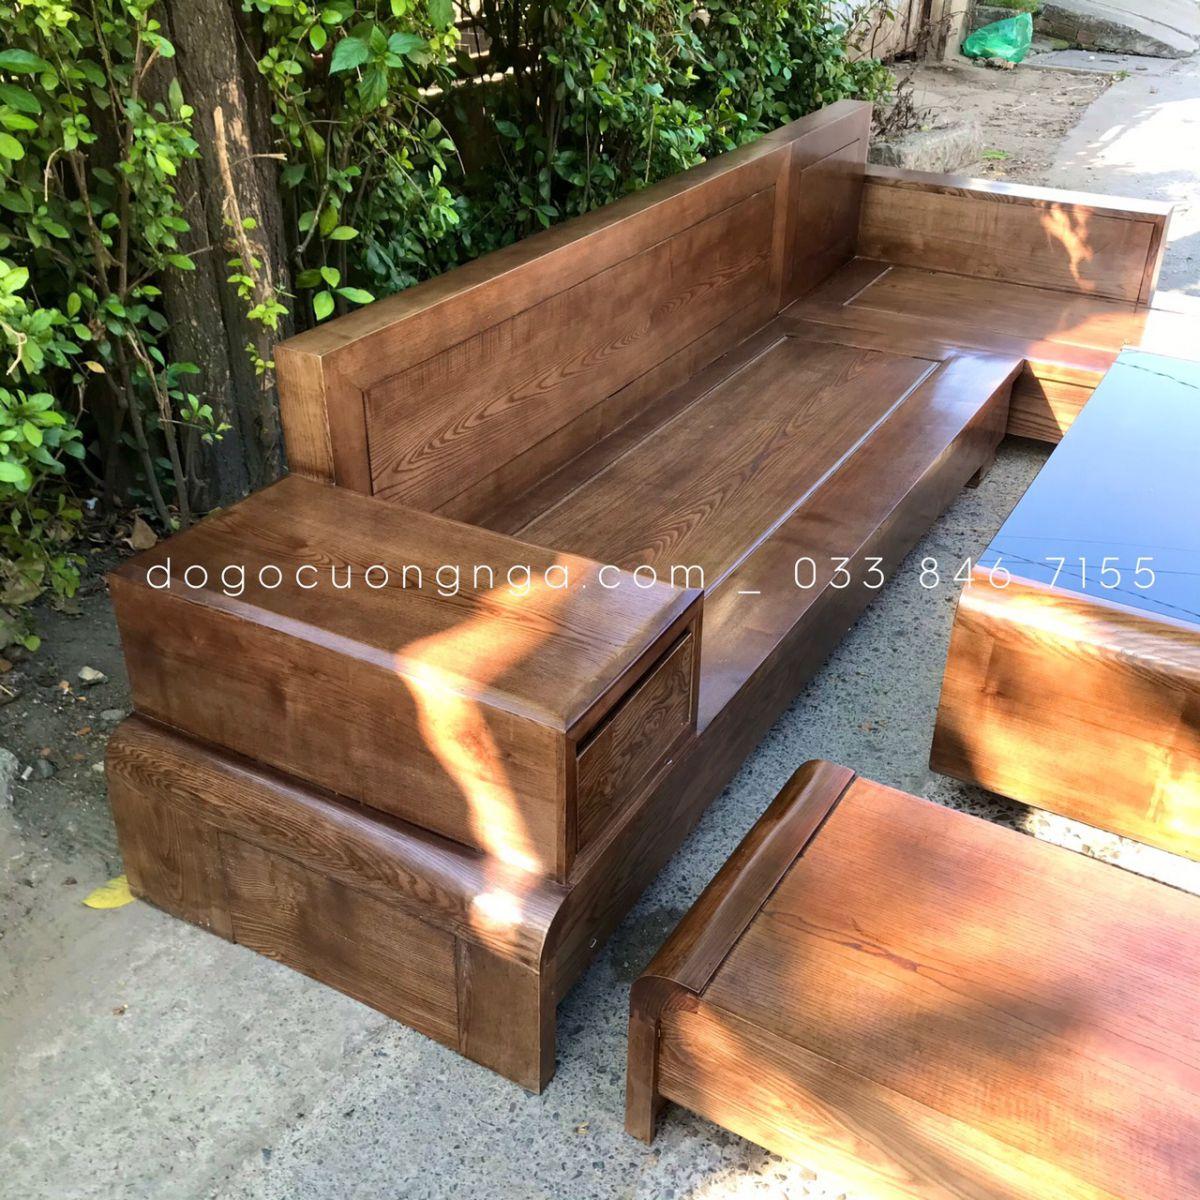 sofa gỗ gõ hương xám đơn giản